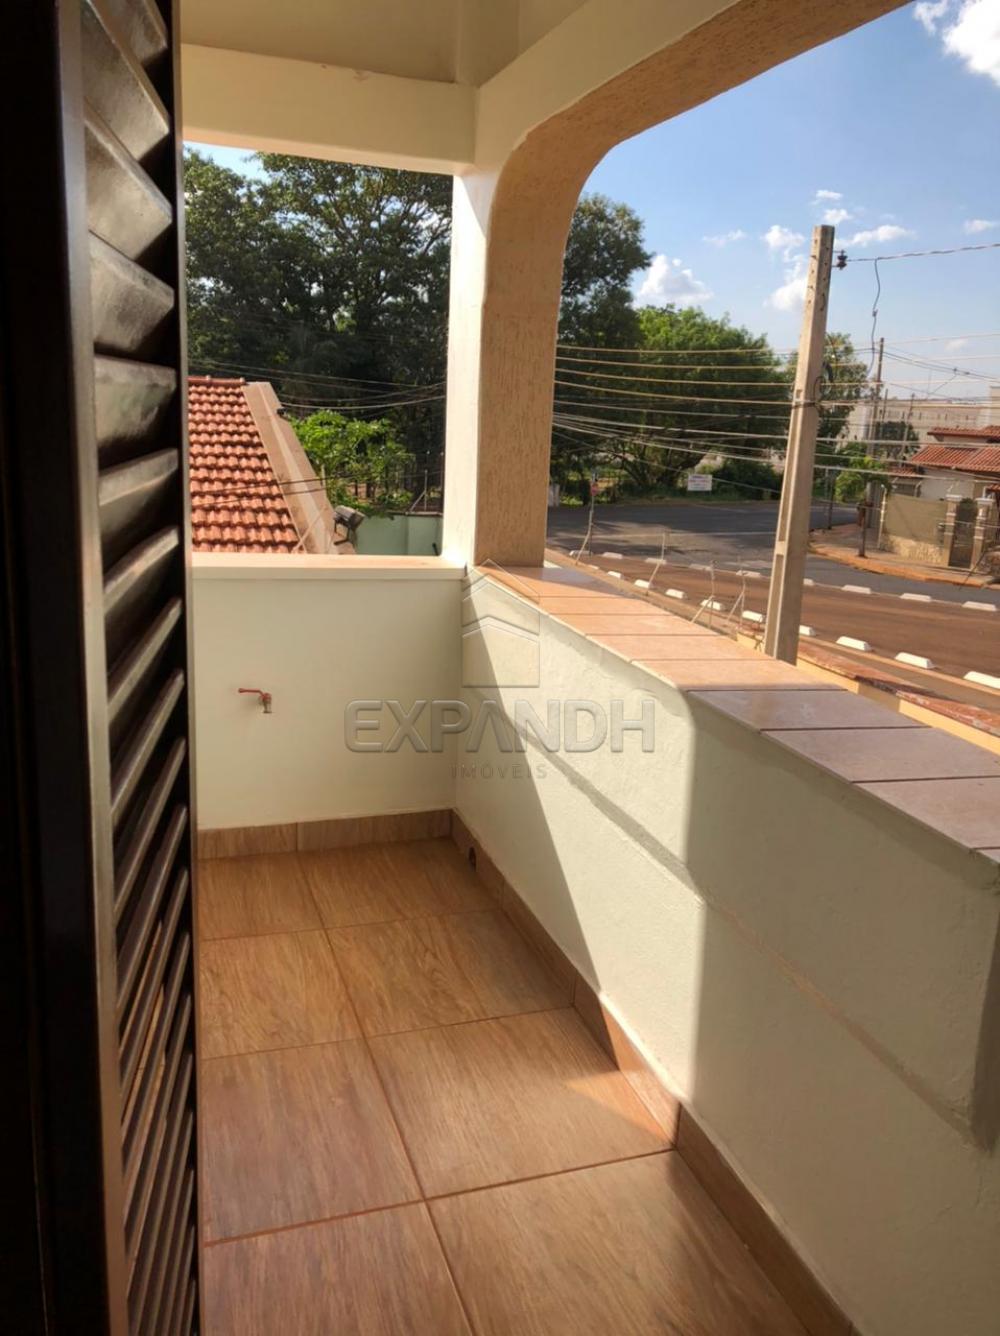 Alugar Casas / Padrão em Sertãozinho R$ 1.250,00 - Foto 20